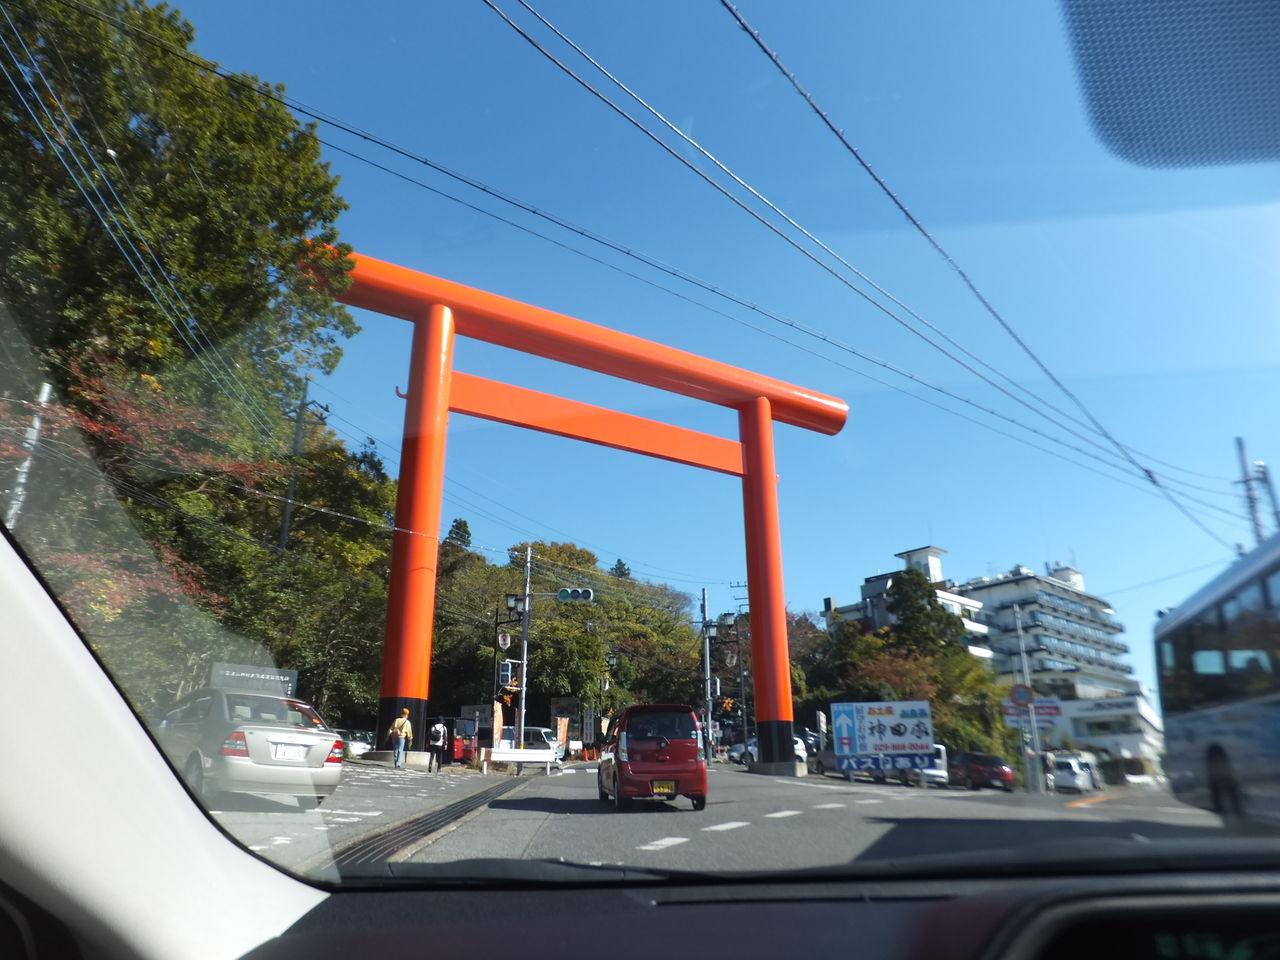 ... ふくおかYK426) : 筑波山